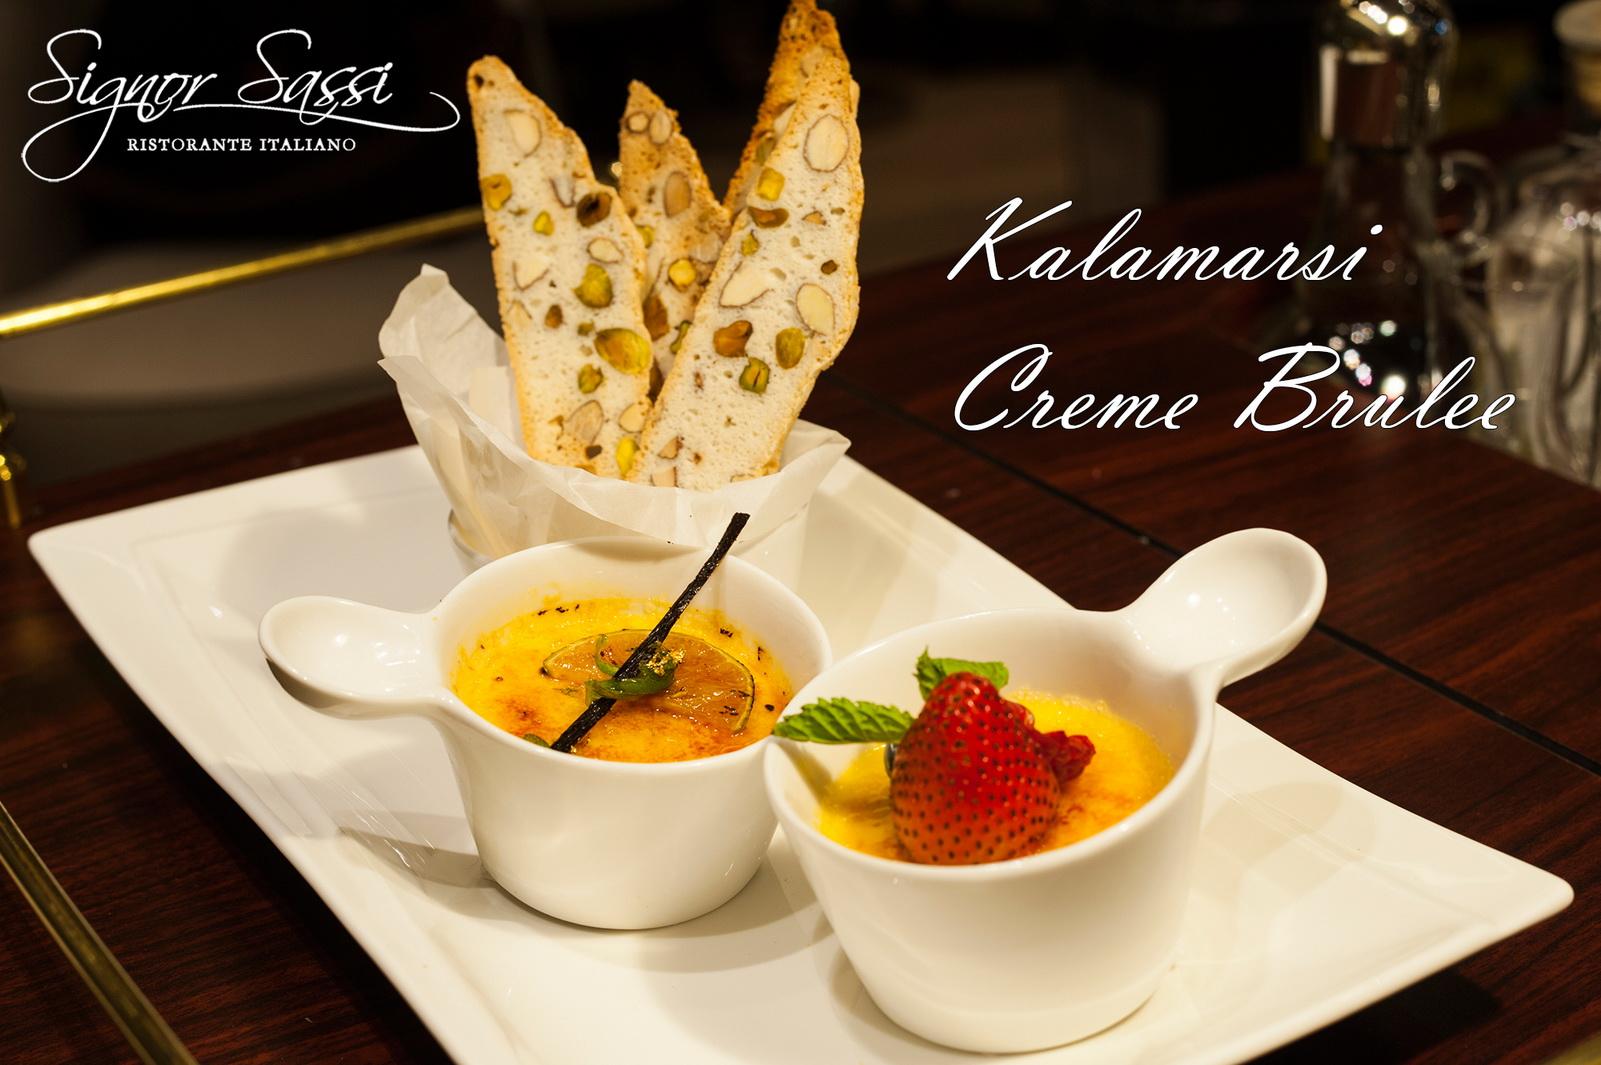 Kalamarsi-Creme-Brulee_resize